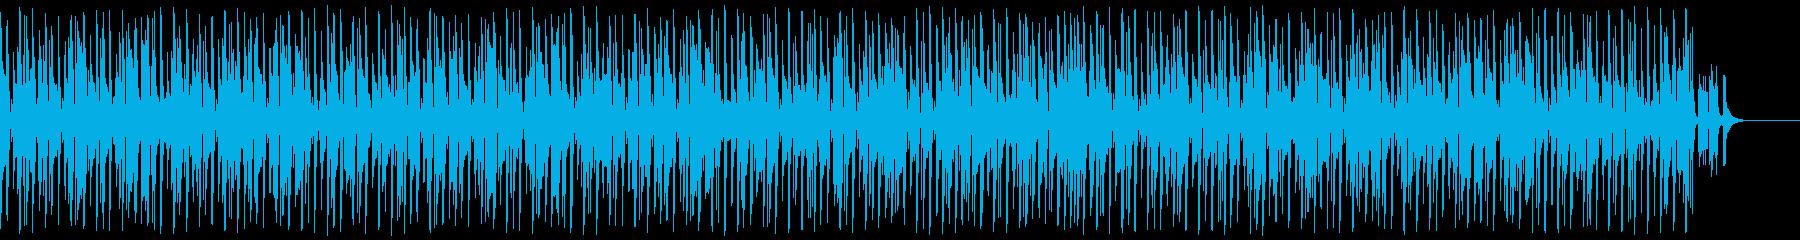 口笛ギターほのぼの明るいアウトドアな曲の再生済みの波形